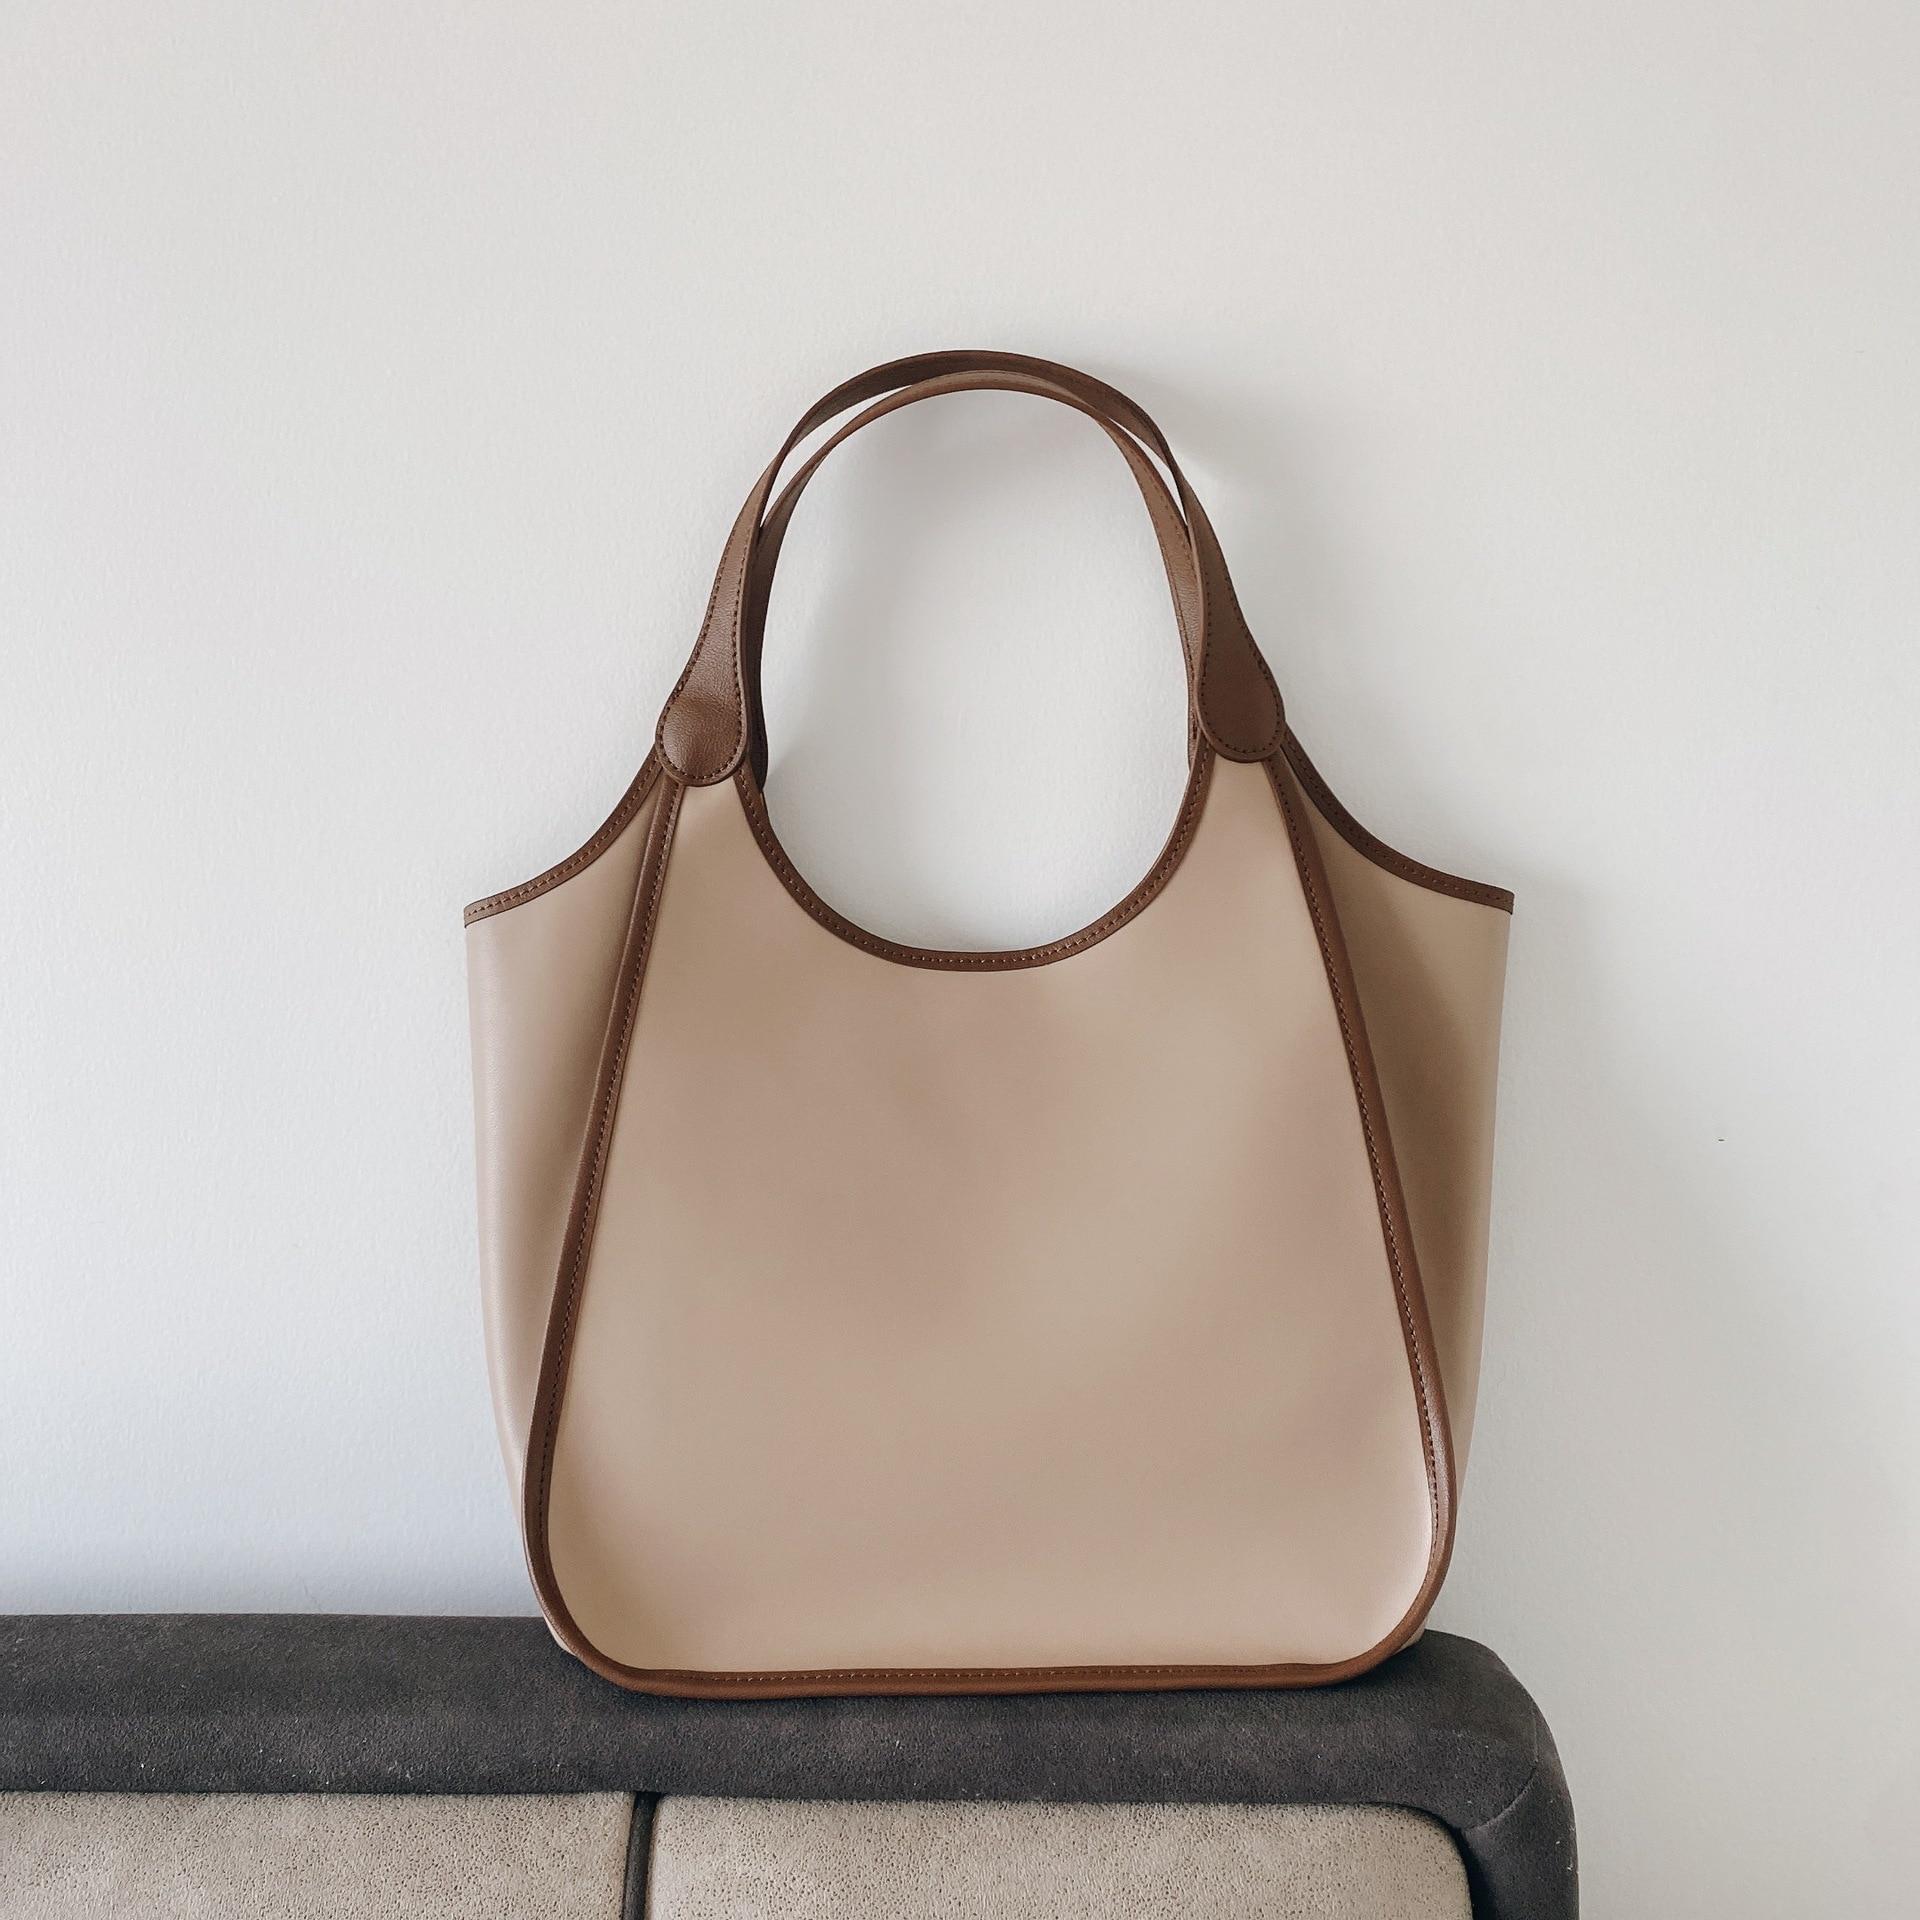 2021 Роскошные ручные сумки из натуральной кожи, женские ретро модные простые большие кошельки и сумки, Женская рабочая сумка-ведро